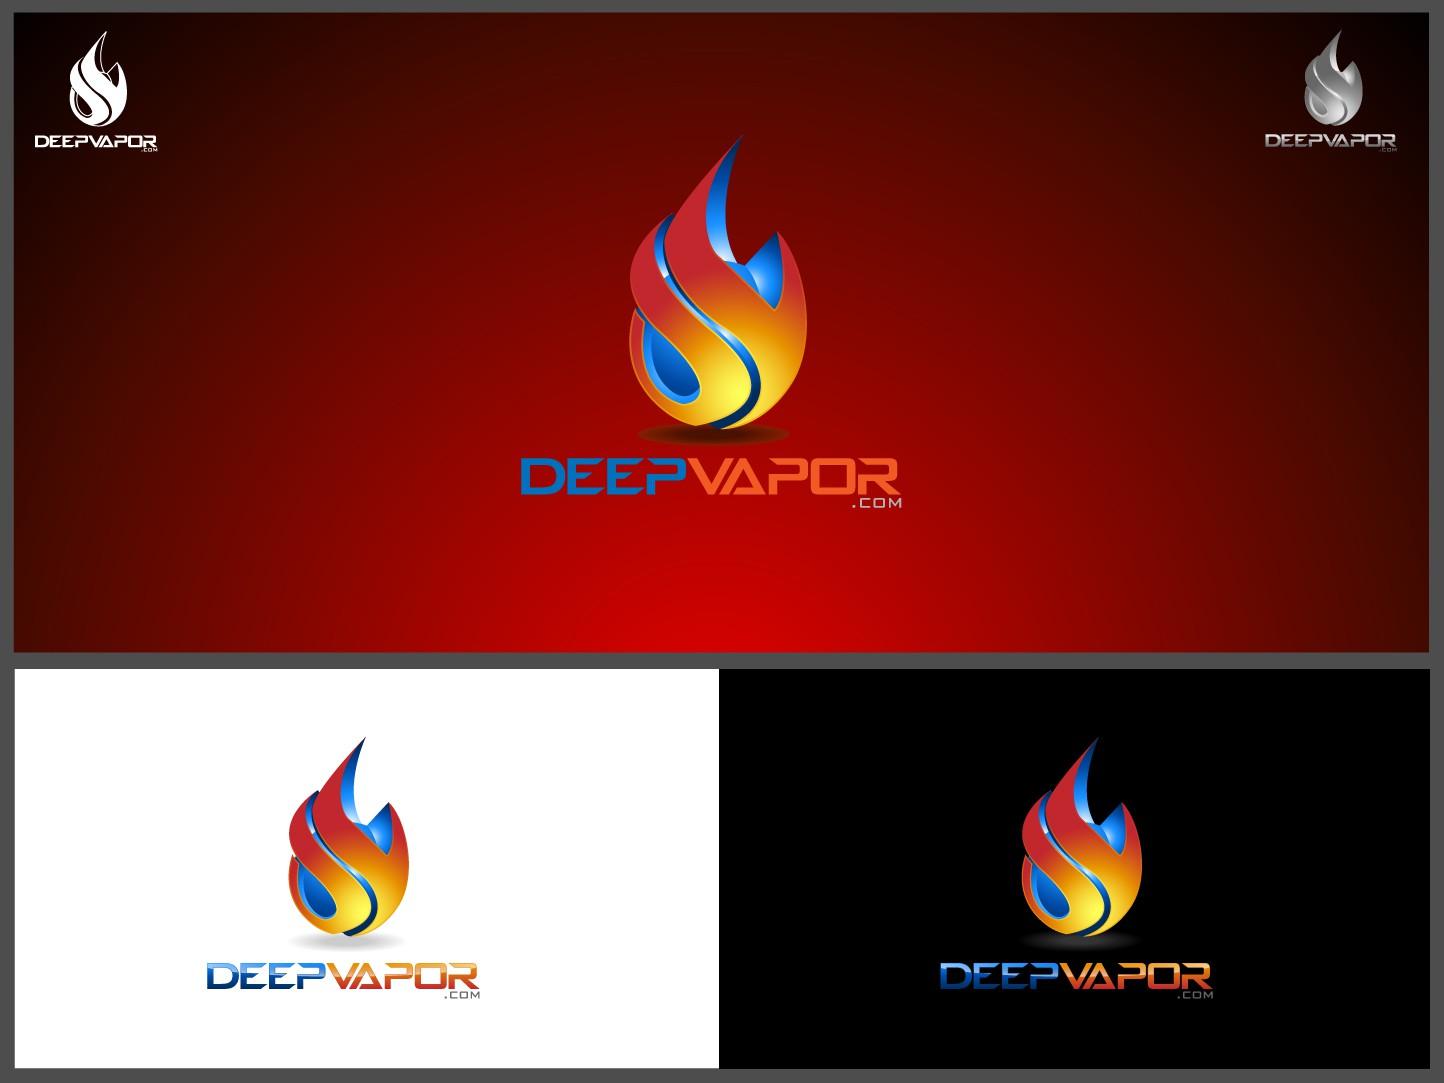 logo for DeepVapor.com